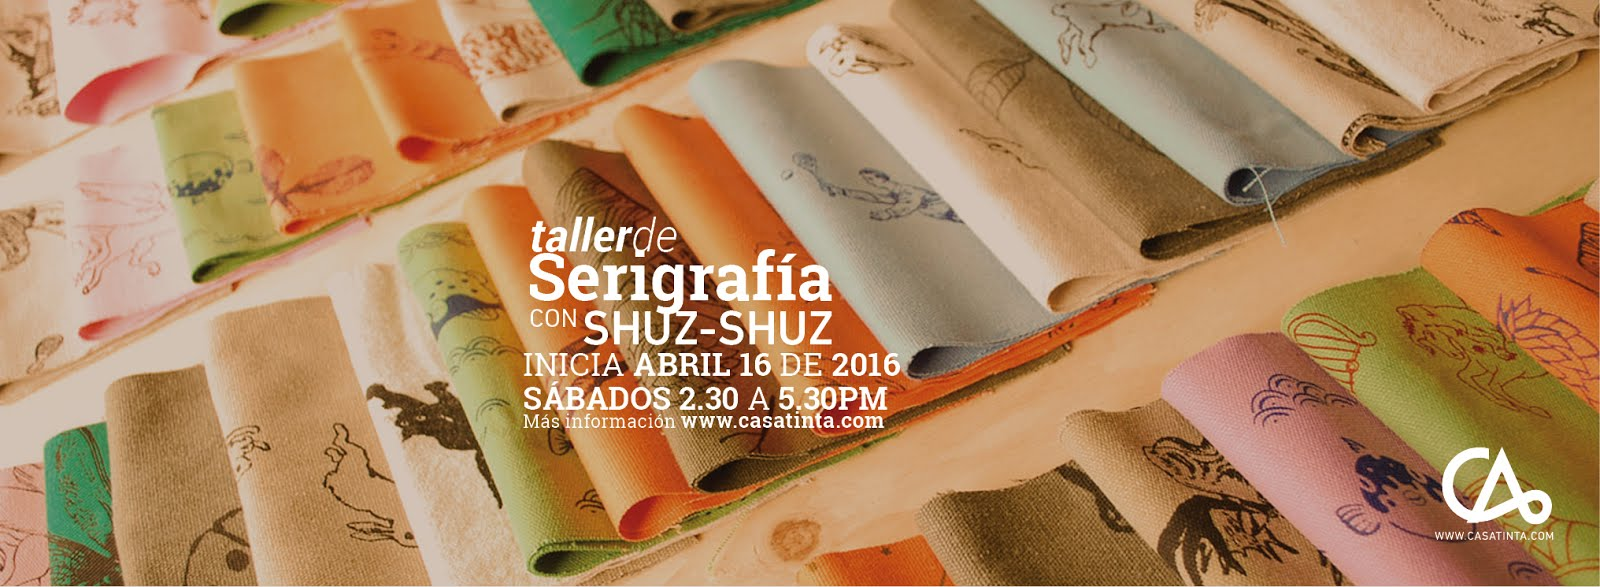 TALLER de SERIGRAFÍA / 16 de abril